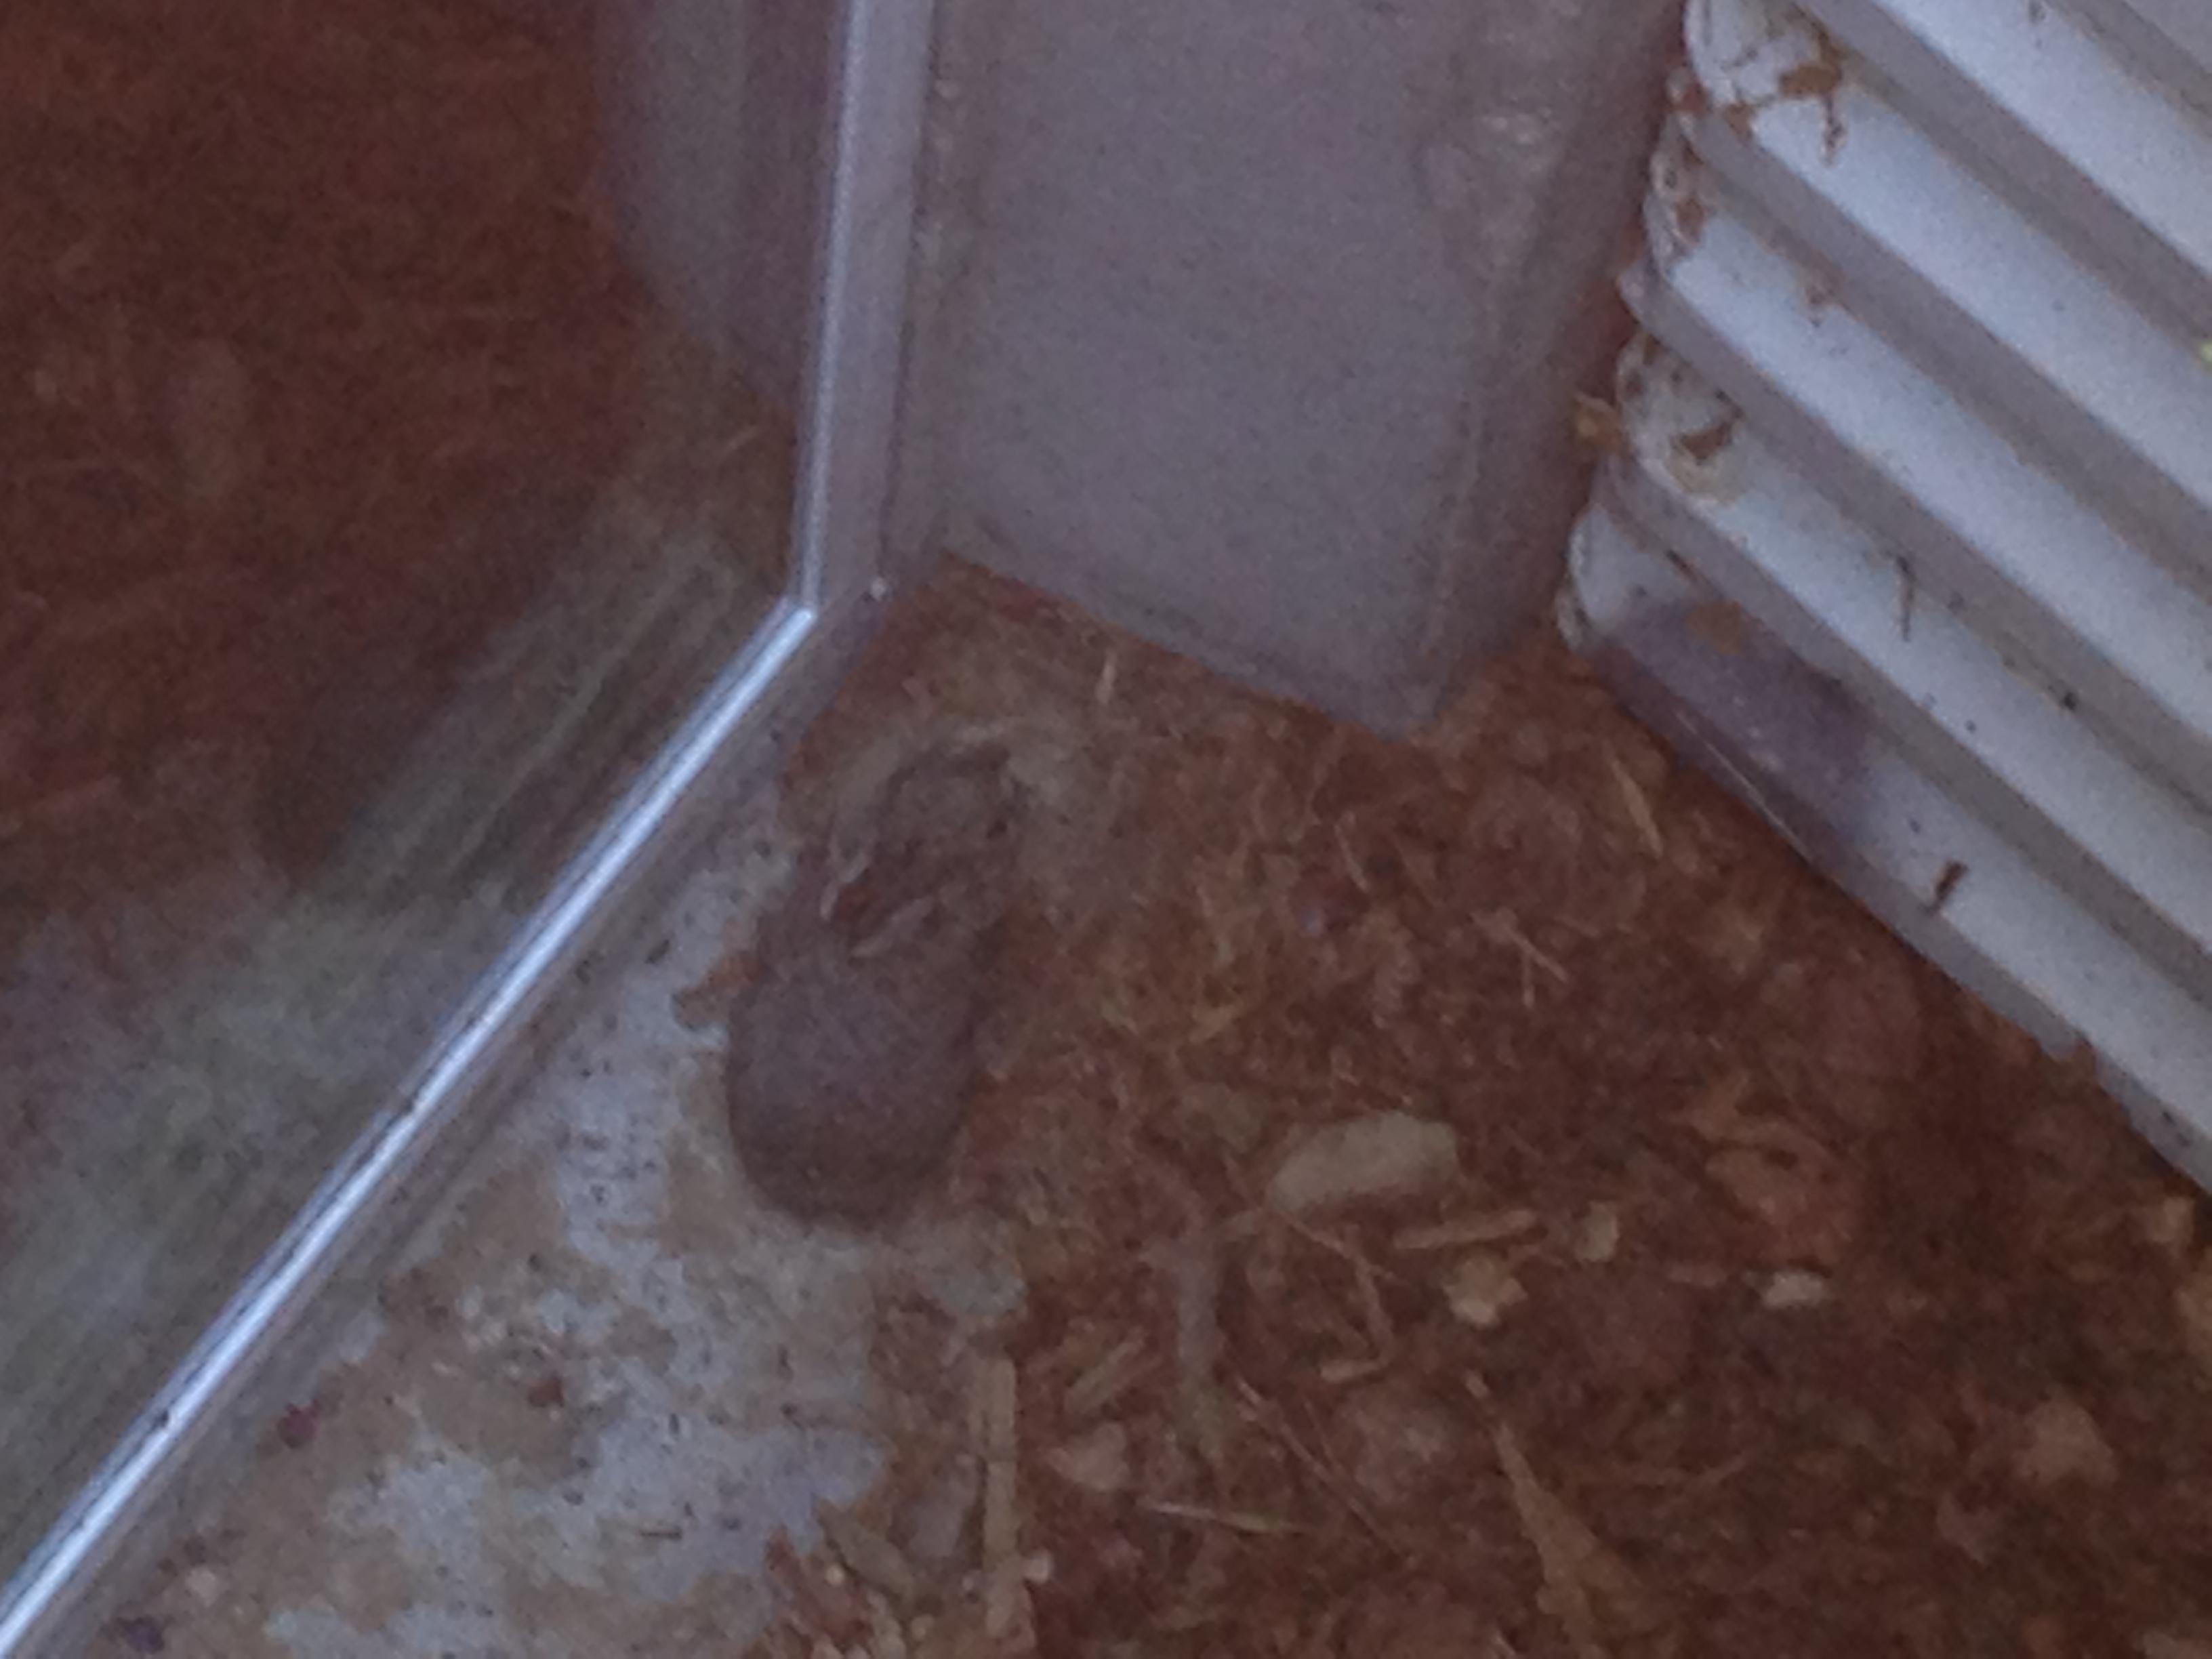 Bunny Still Trapped